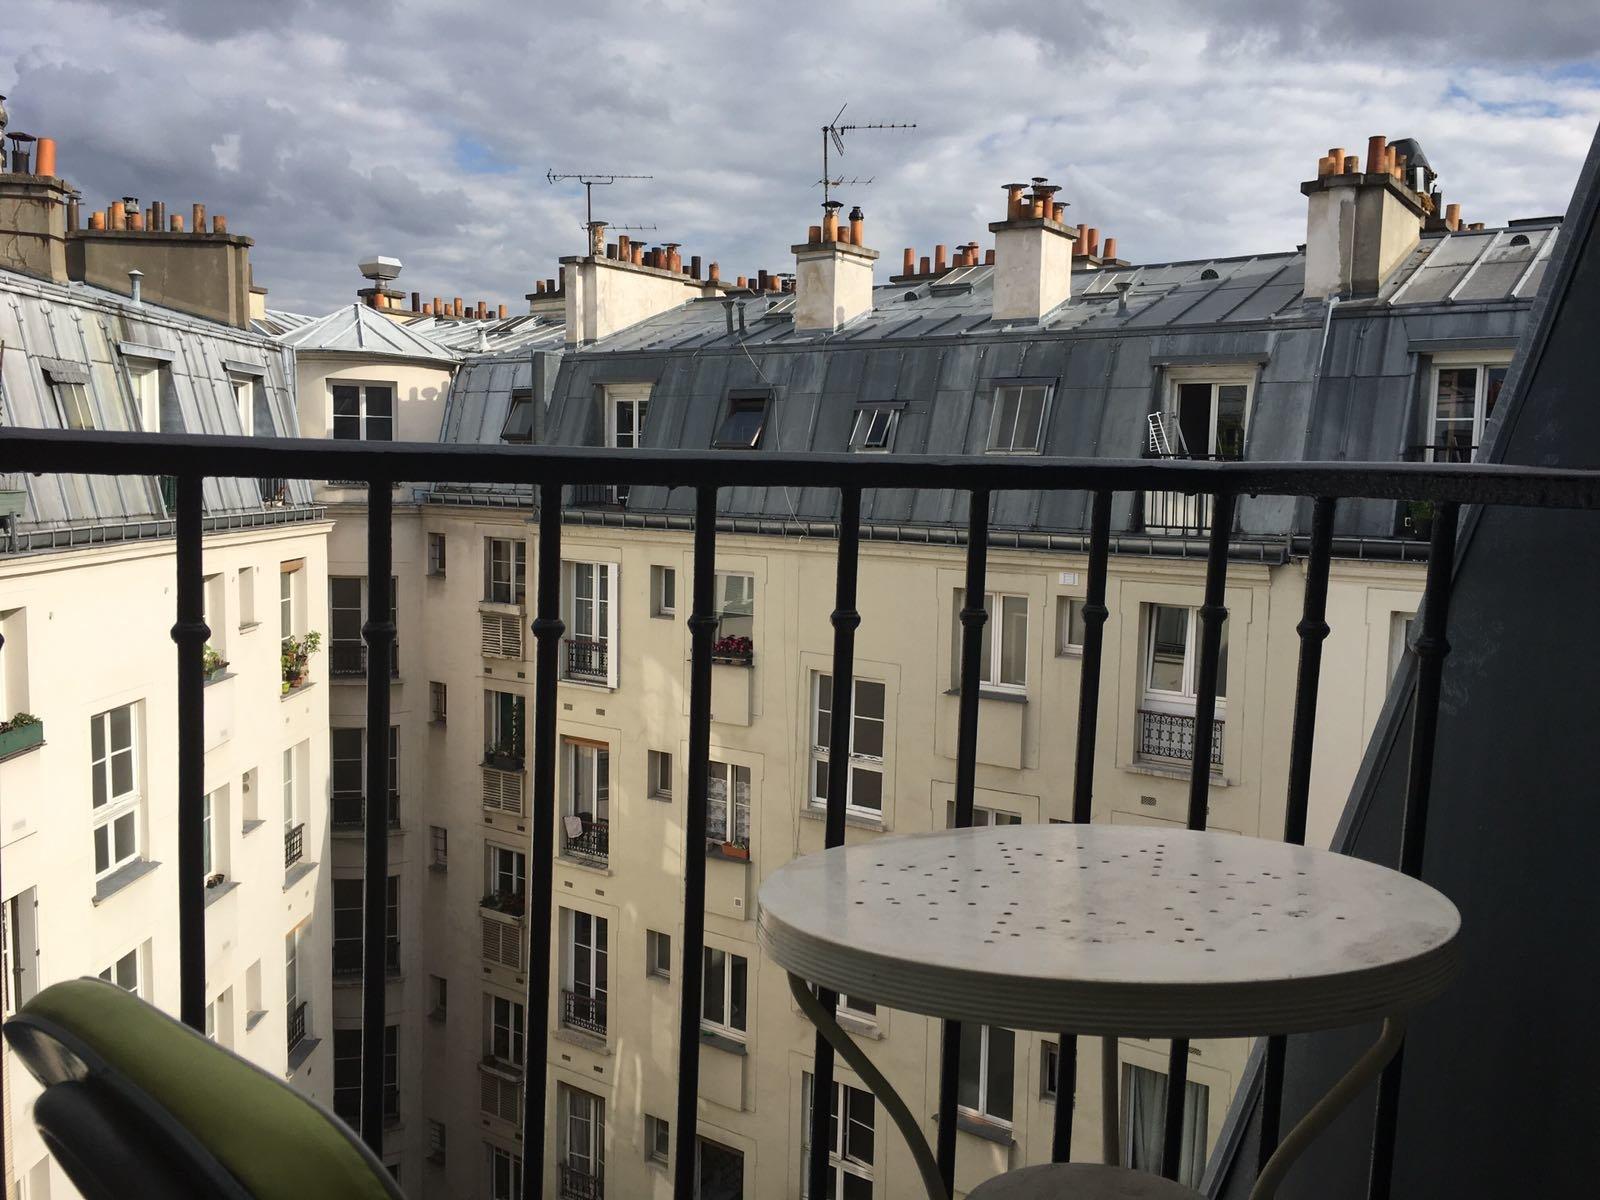 Paris - X ème - RUE LOUIS BLANC - M° La Chapelle - STUDIO MEUBLÉ - DERNIER ÉTAGE - ASCENSEUR - BALCON - CALME - VUE DÉGAGÉE